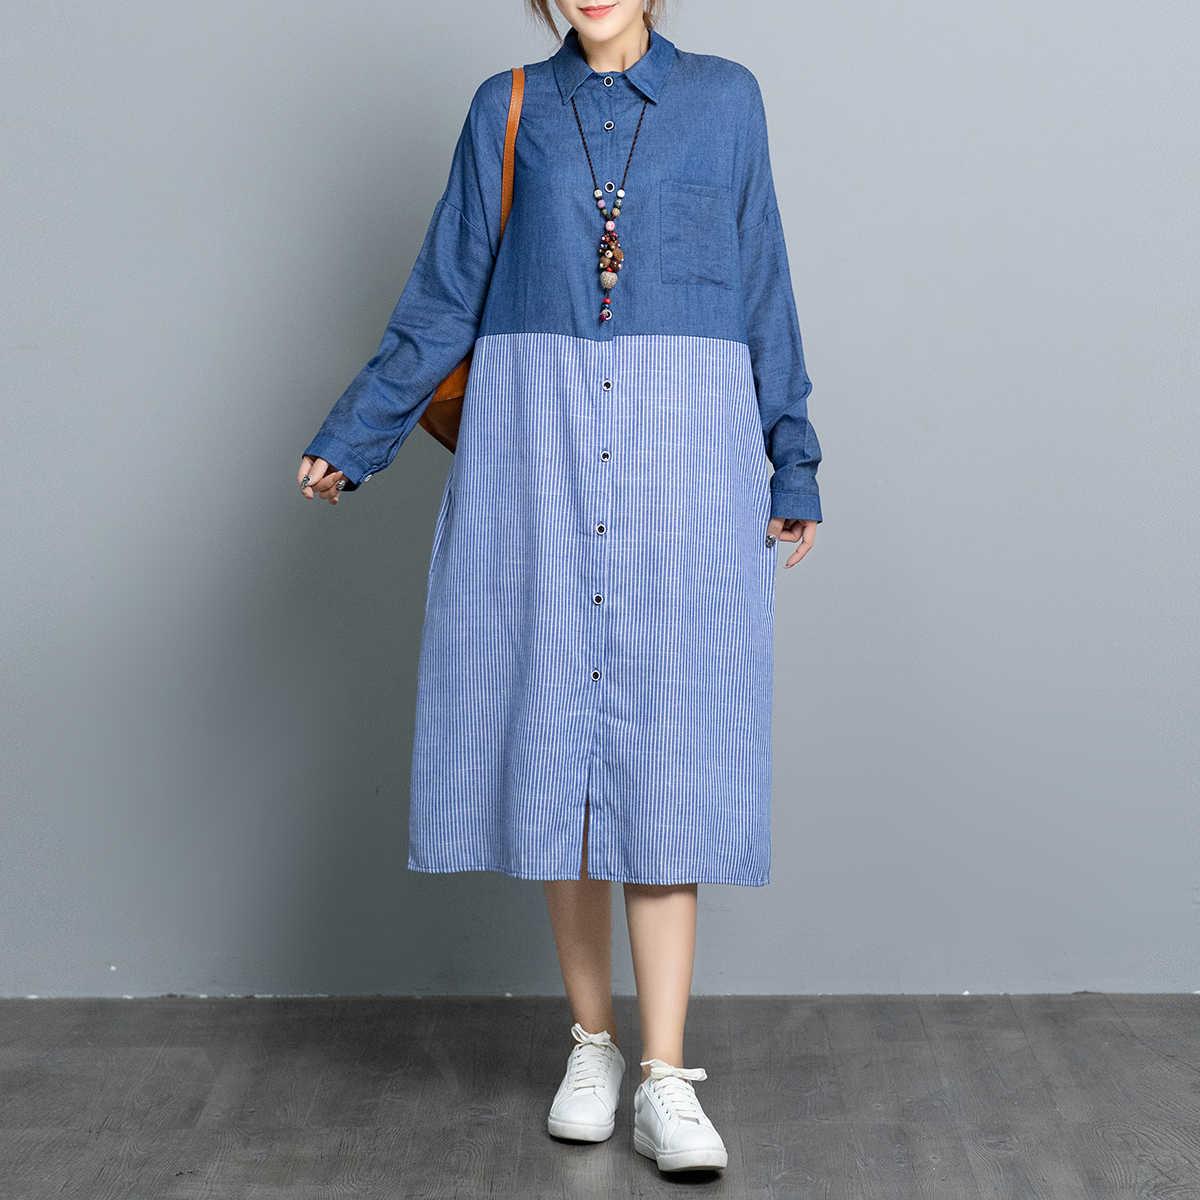 SuperAen/2019 осеннее Новое джинсовое Полосатое женское платье с длинным рукавом, модное повседневное женское платье в Корейском стиле, женская одежда